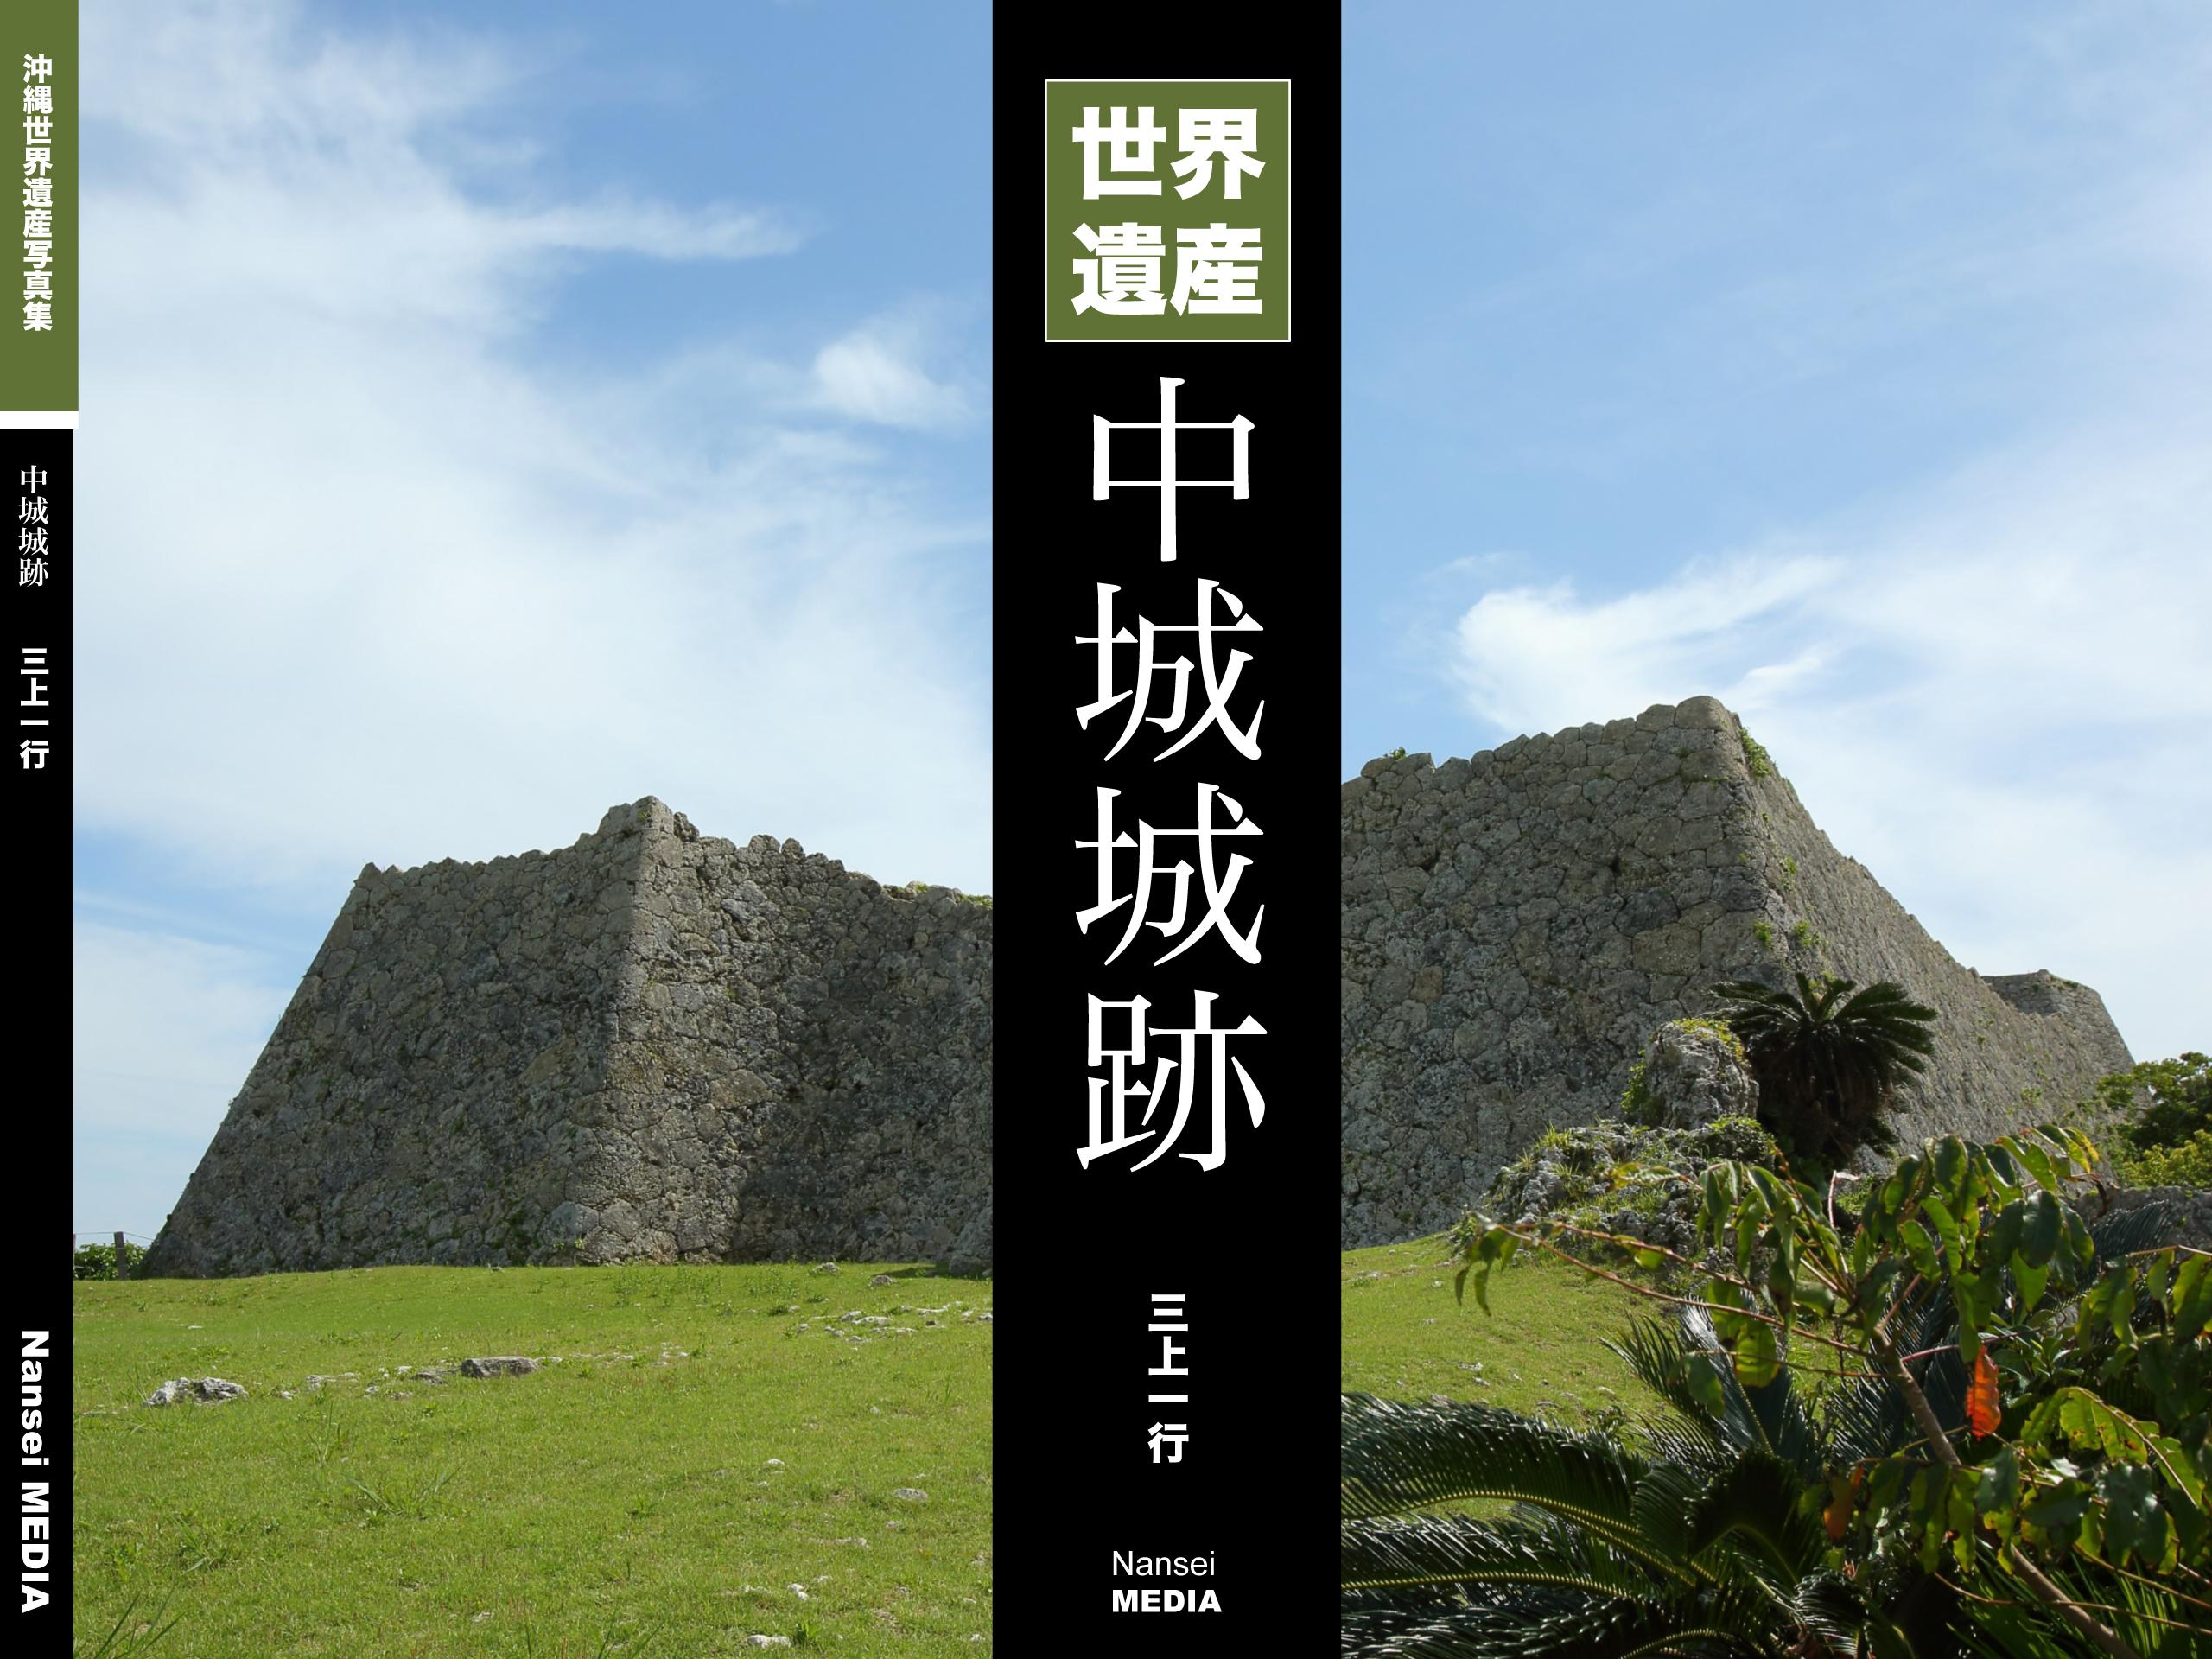 沖縄世界遺産写真集シリーズ 06 中城城跡